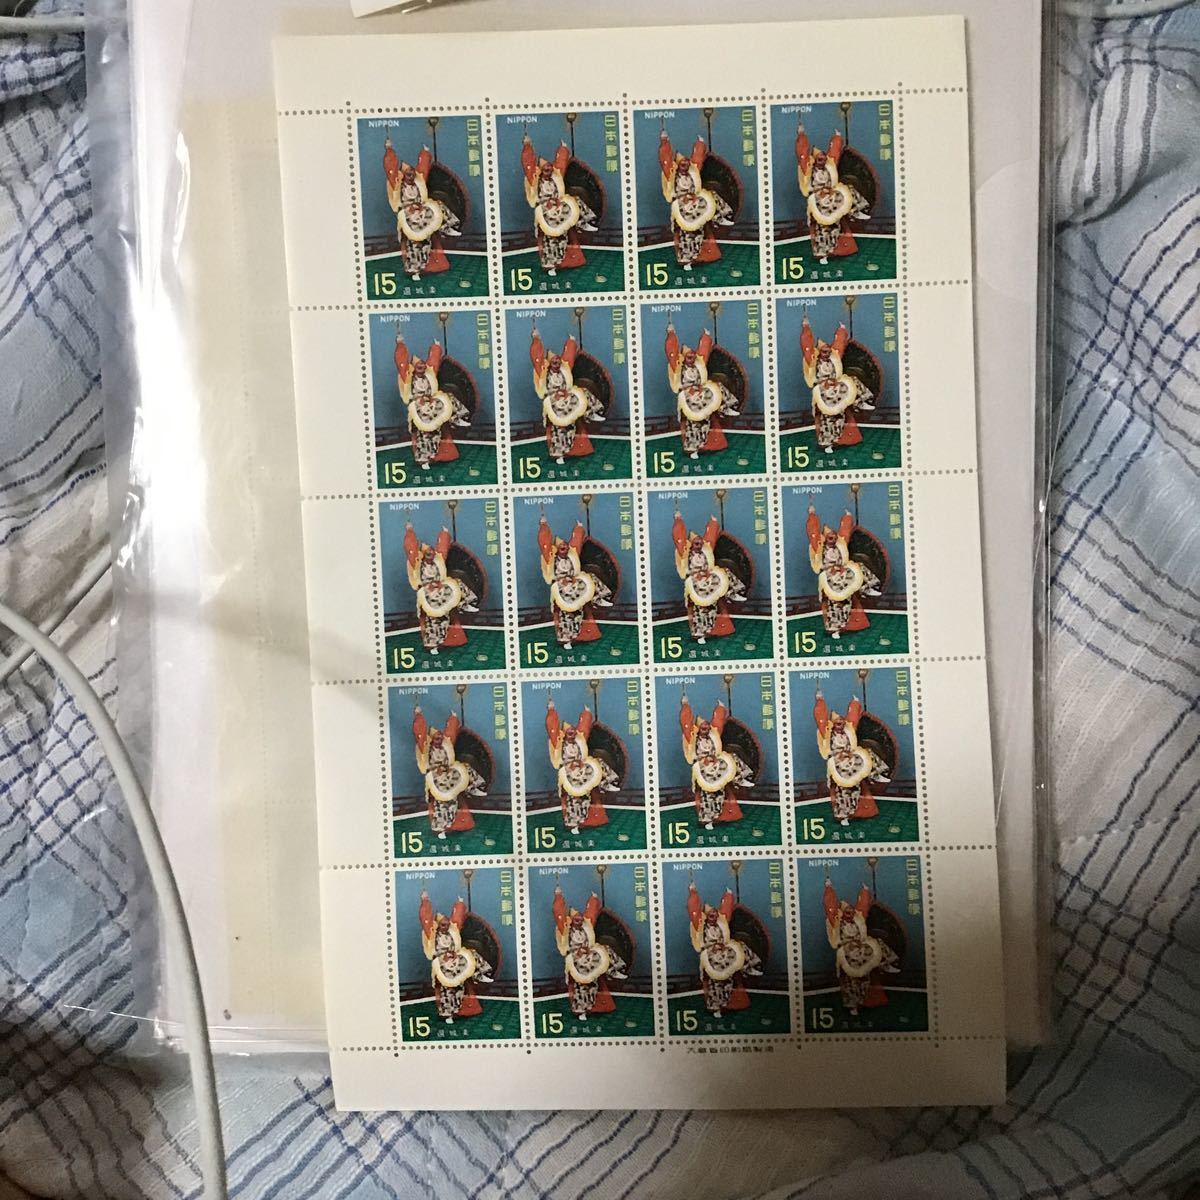 記念切手 シート 15円20枚 未使用 古典芸能シリーズ 還城楽_画像1